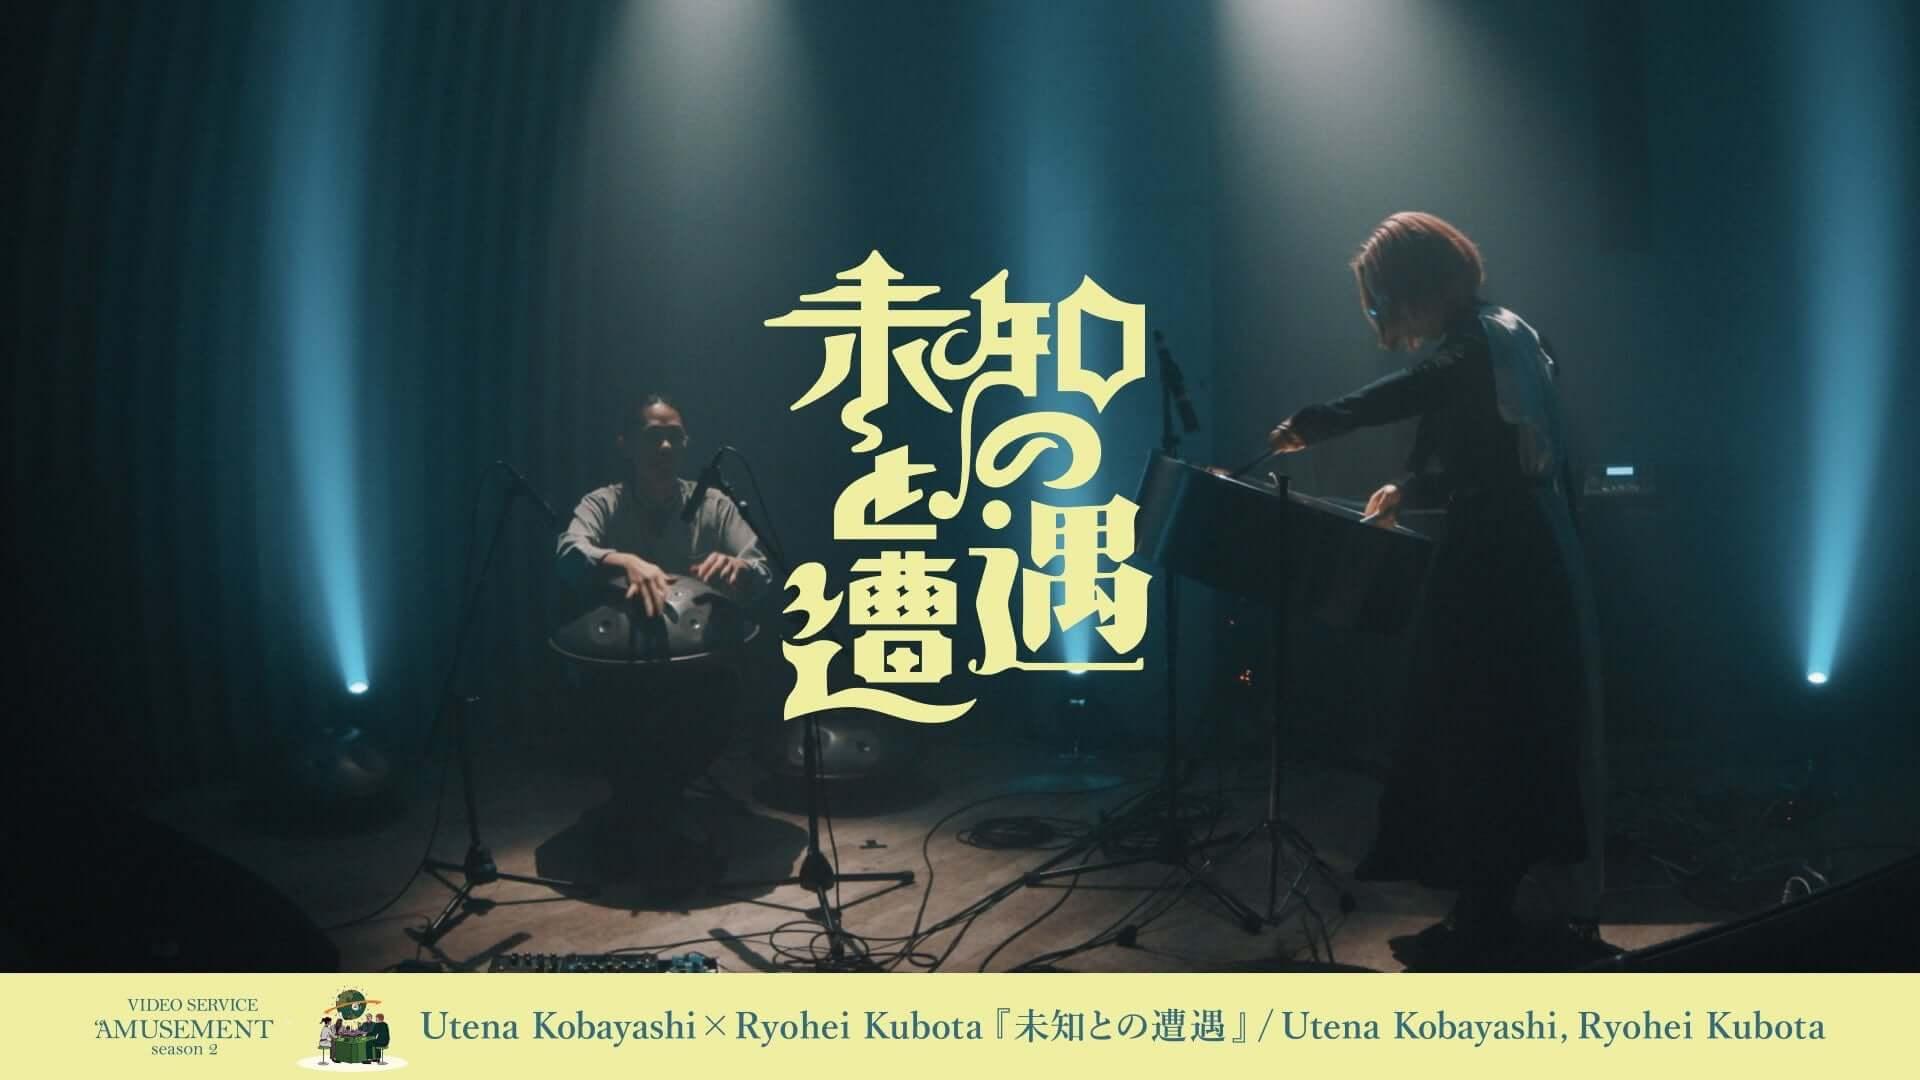 Utena Kobayashi最新アルバム『6 roads』のジャケットが公開!下北沢SPREADの配信ライブ<未知との遭遇>には今夜出演 music210303_utena-kobayashi_5-1920x1080